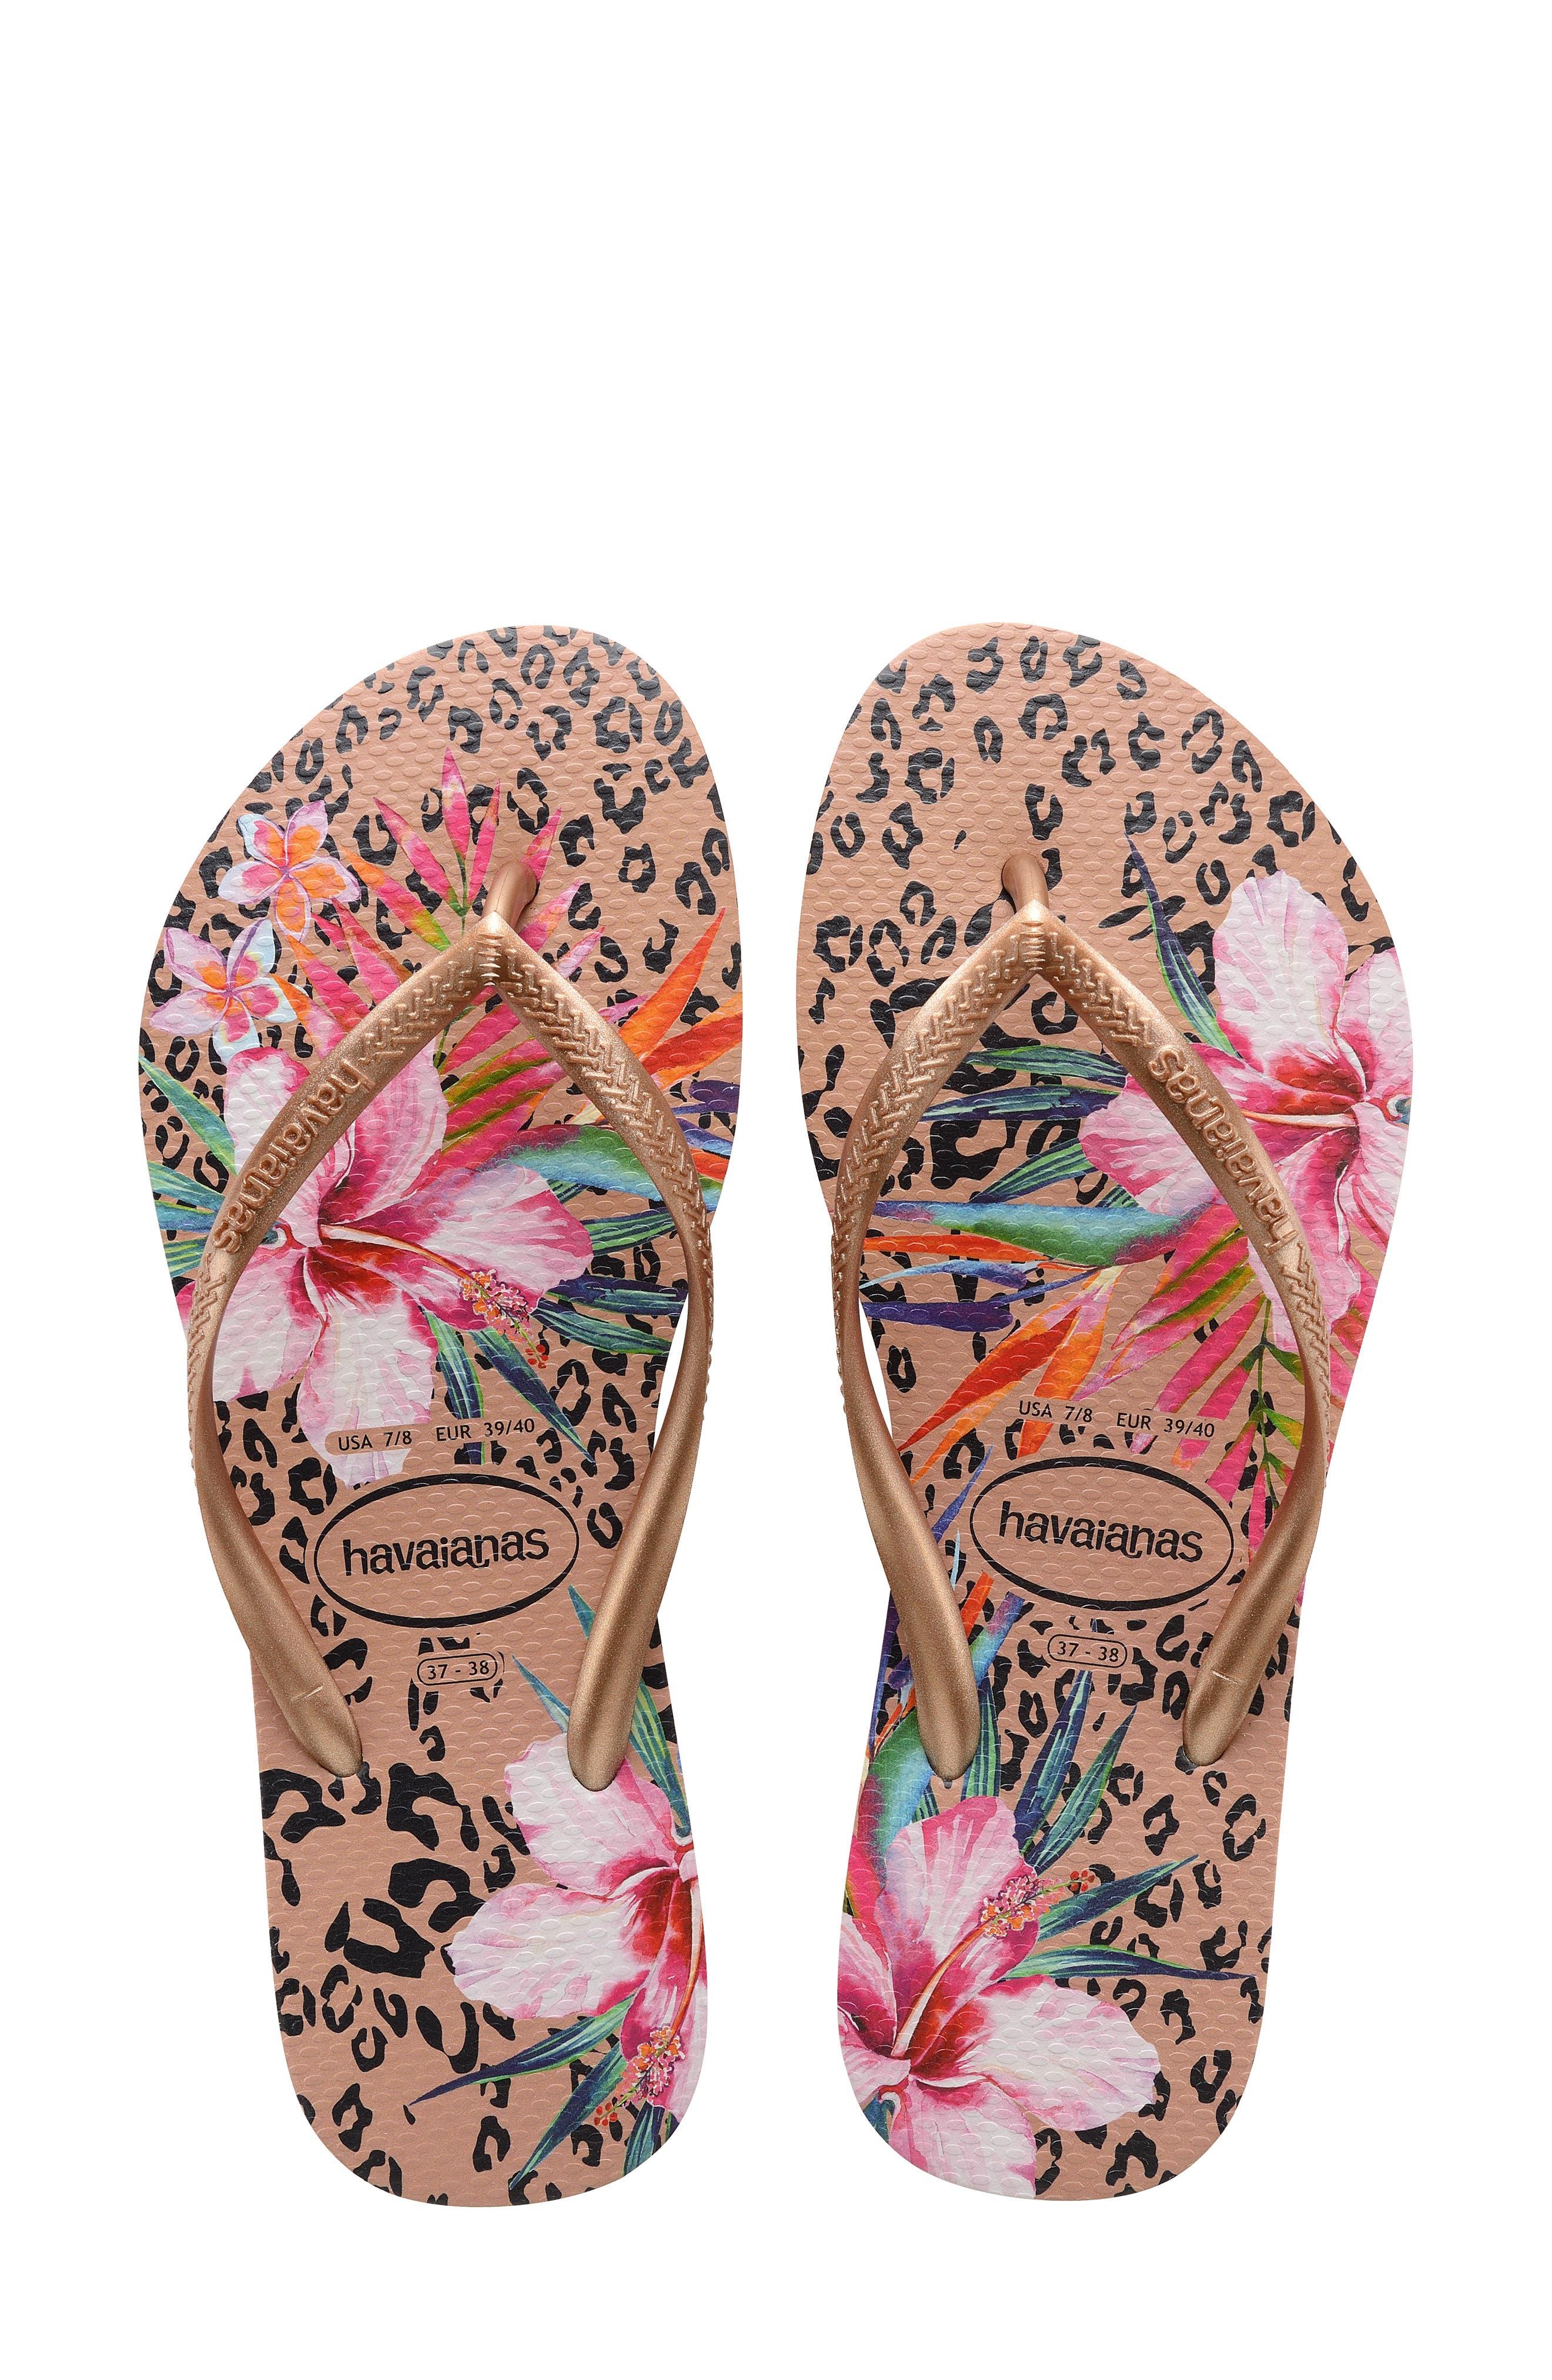 Women's Havaianas Sandals and Flip